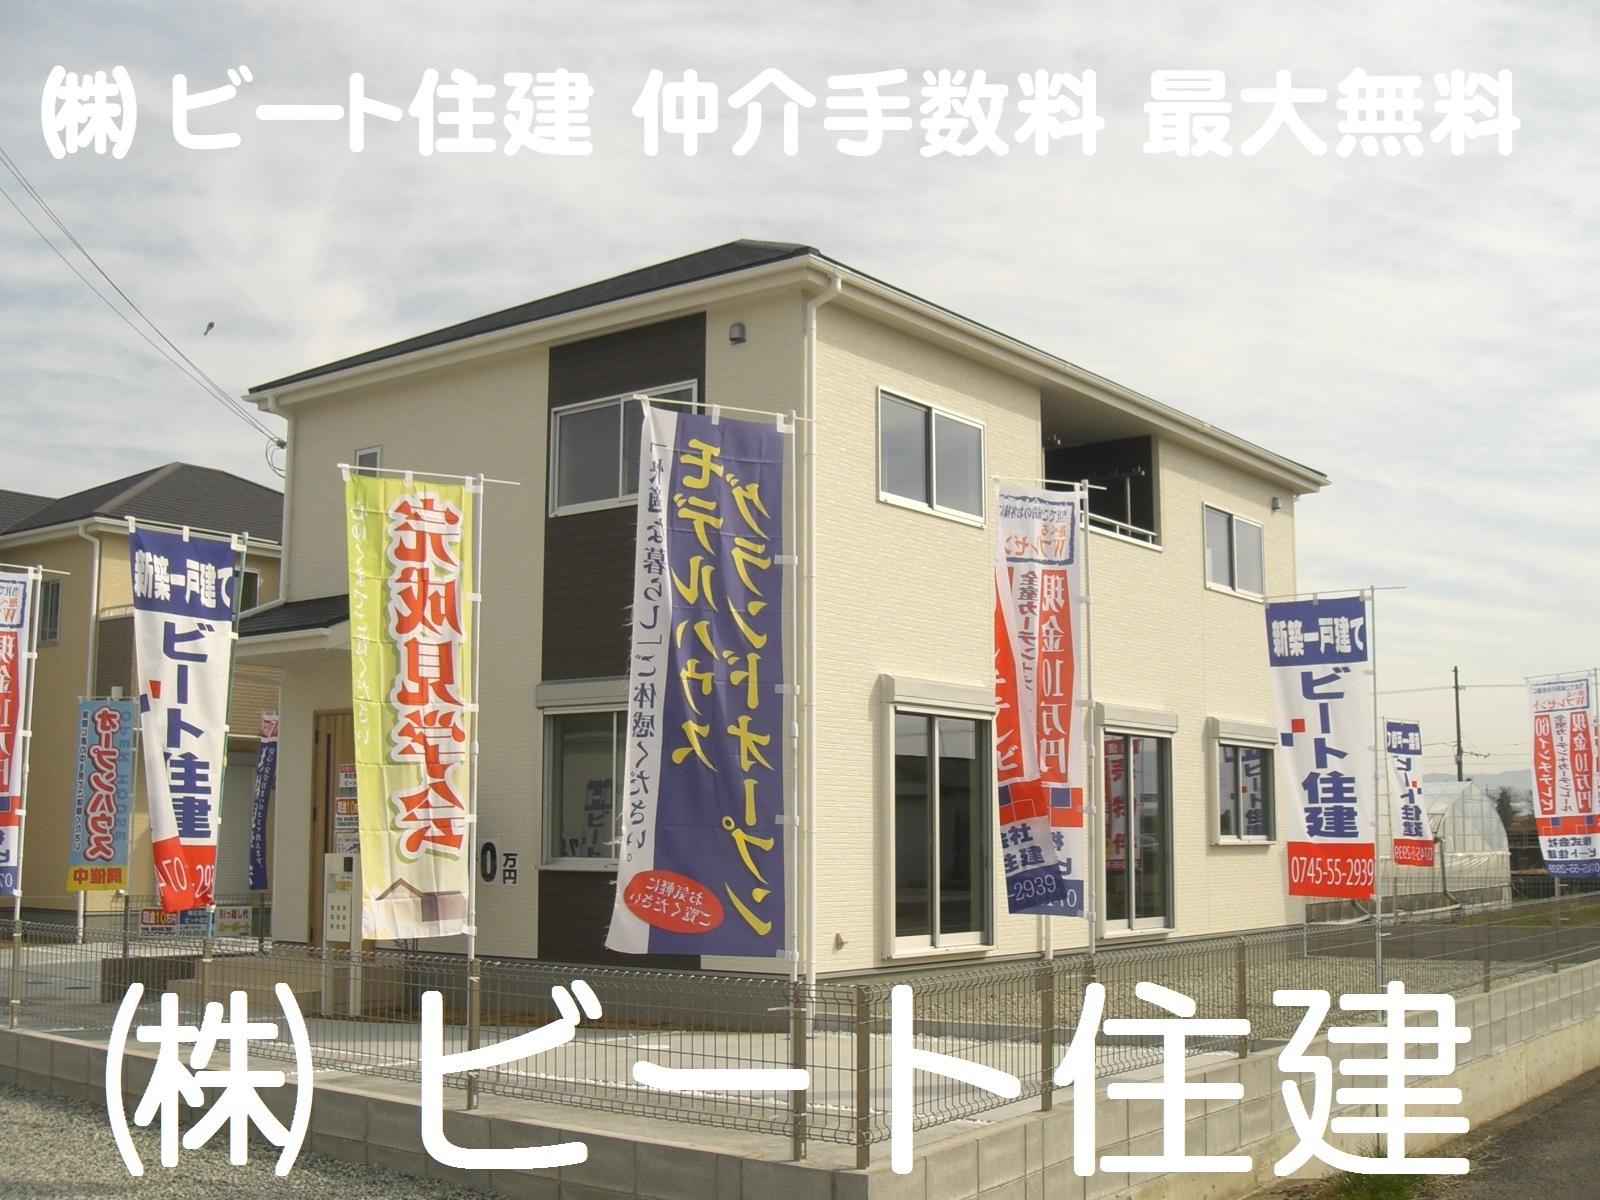 奈良県 広陵町 新築 大幅値引き  ビート住建 広陵町 新築 お買い得 仲介手数料 最大無料